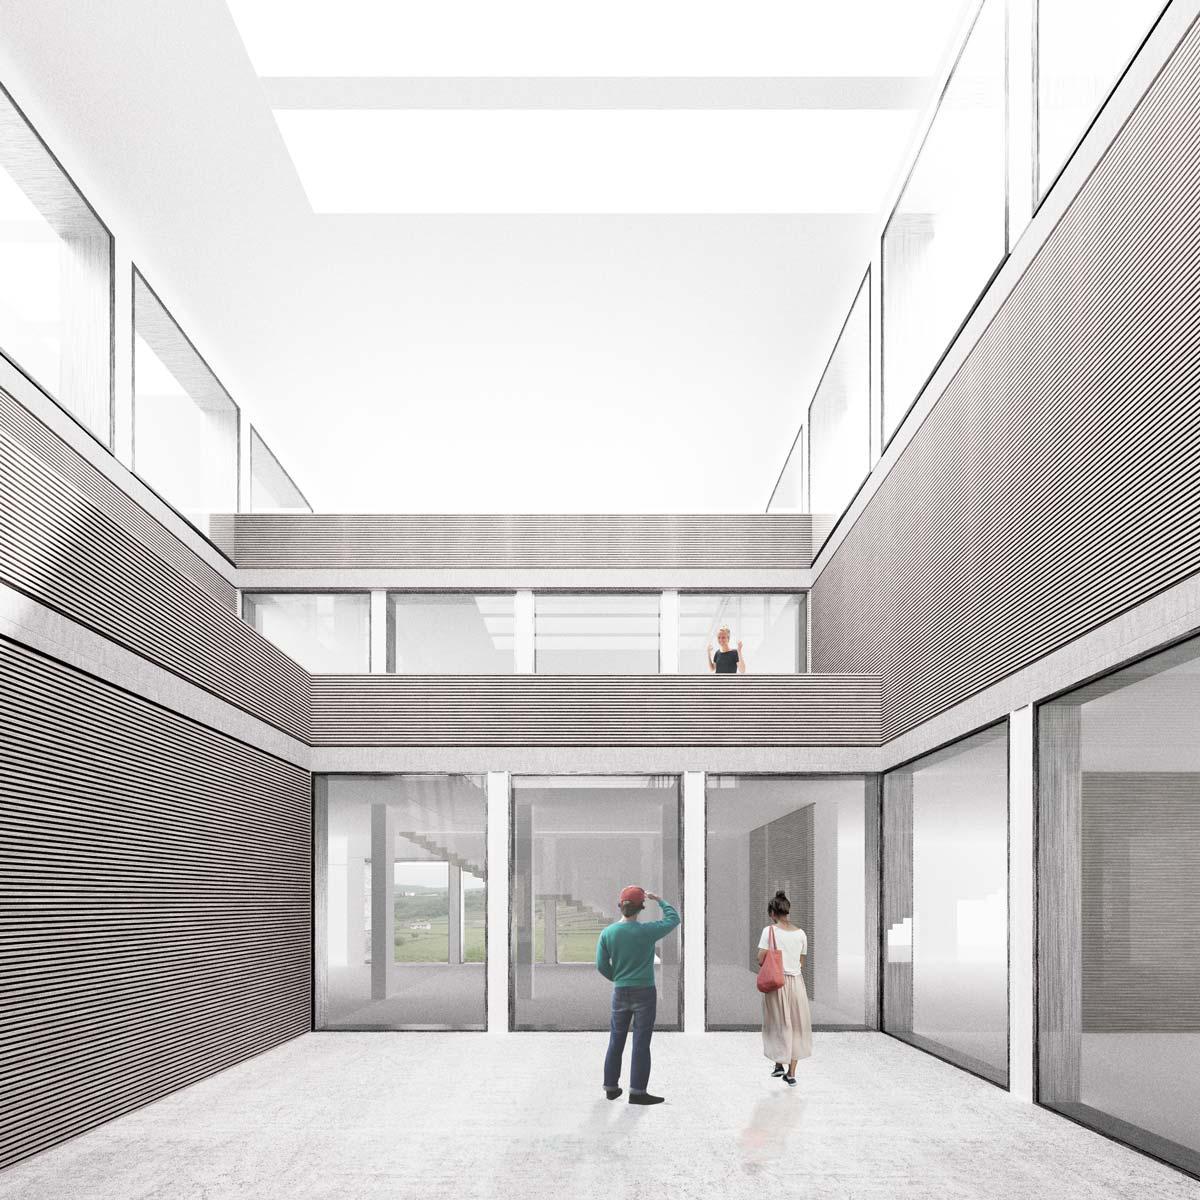 Alessandro costanza architetto architettura di interni for Interni architettura